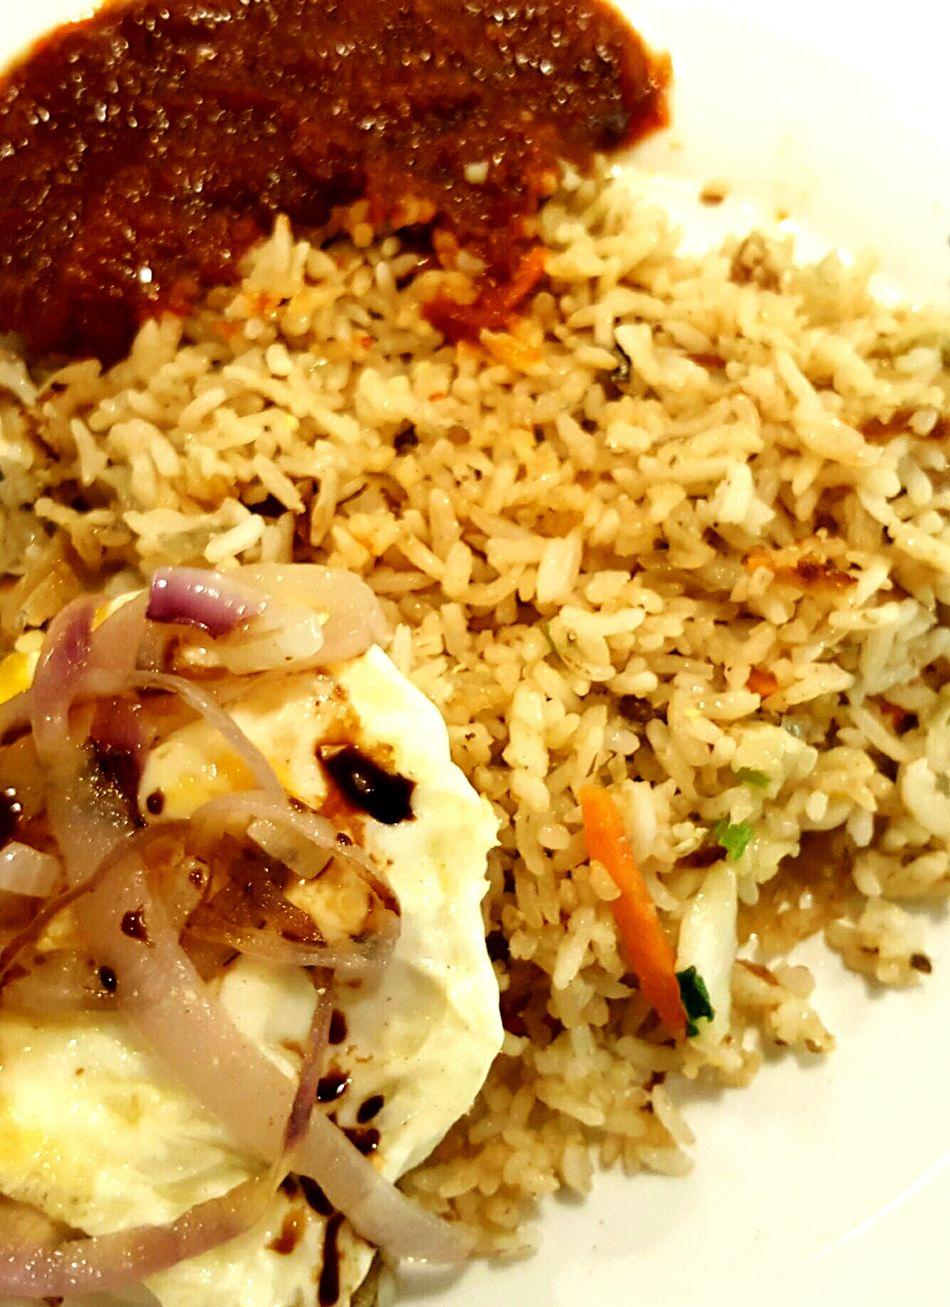 Nasigoreng Telurmata Sambal Sotong Friedrice Malaysian Food Spicyfood